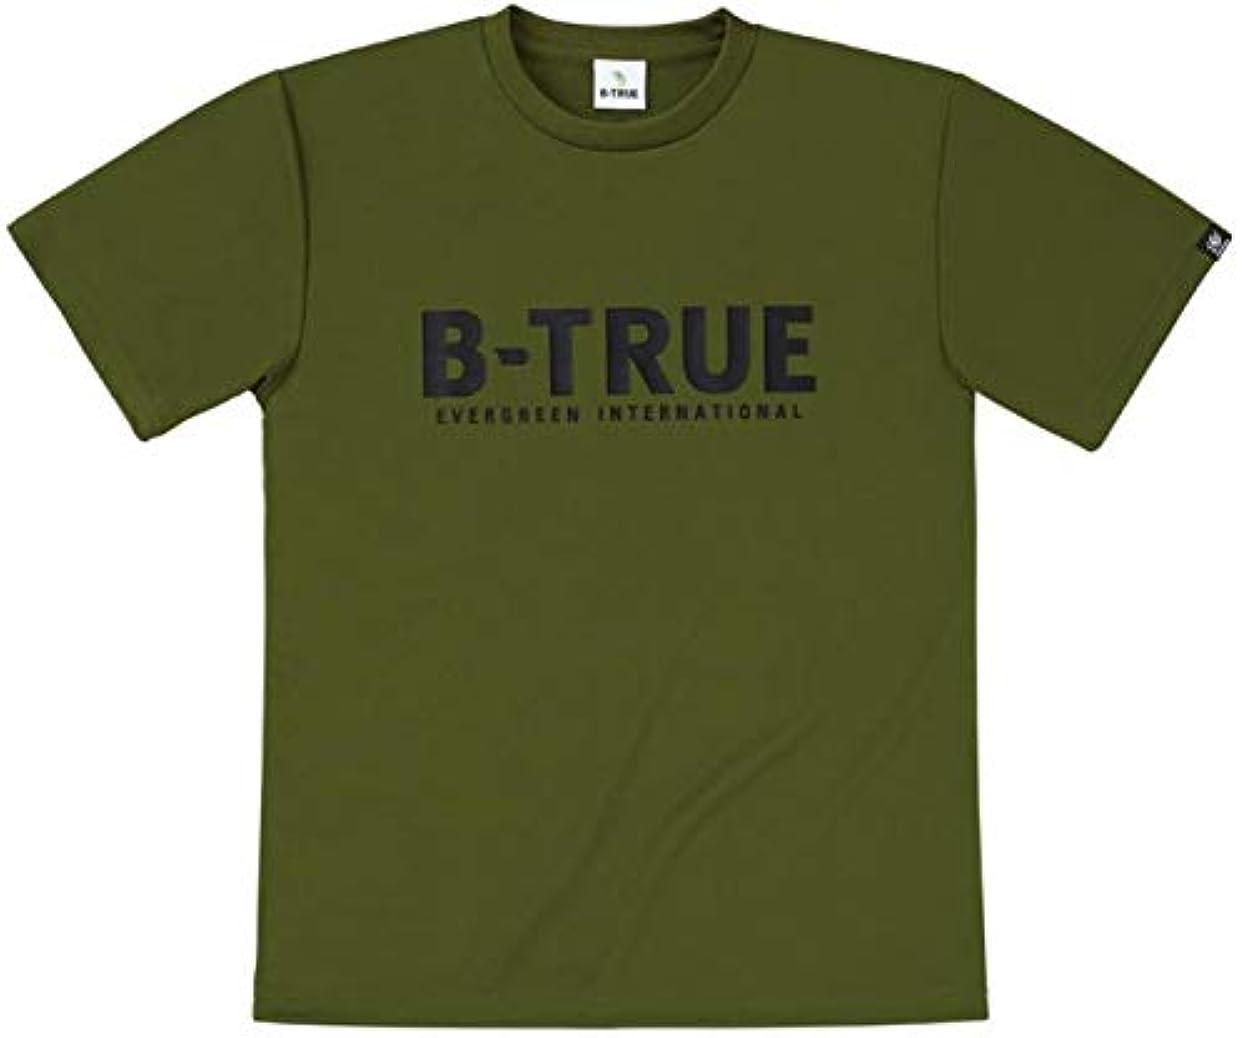 ぞっとするような想像力豊かな表現エバーグリーン(EVERGREEN) B-TRUE ドライTシャツ Aタイプ LL オリーブ.